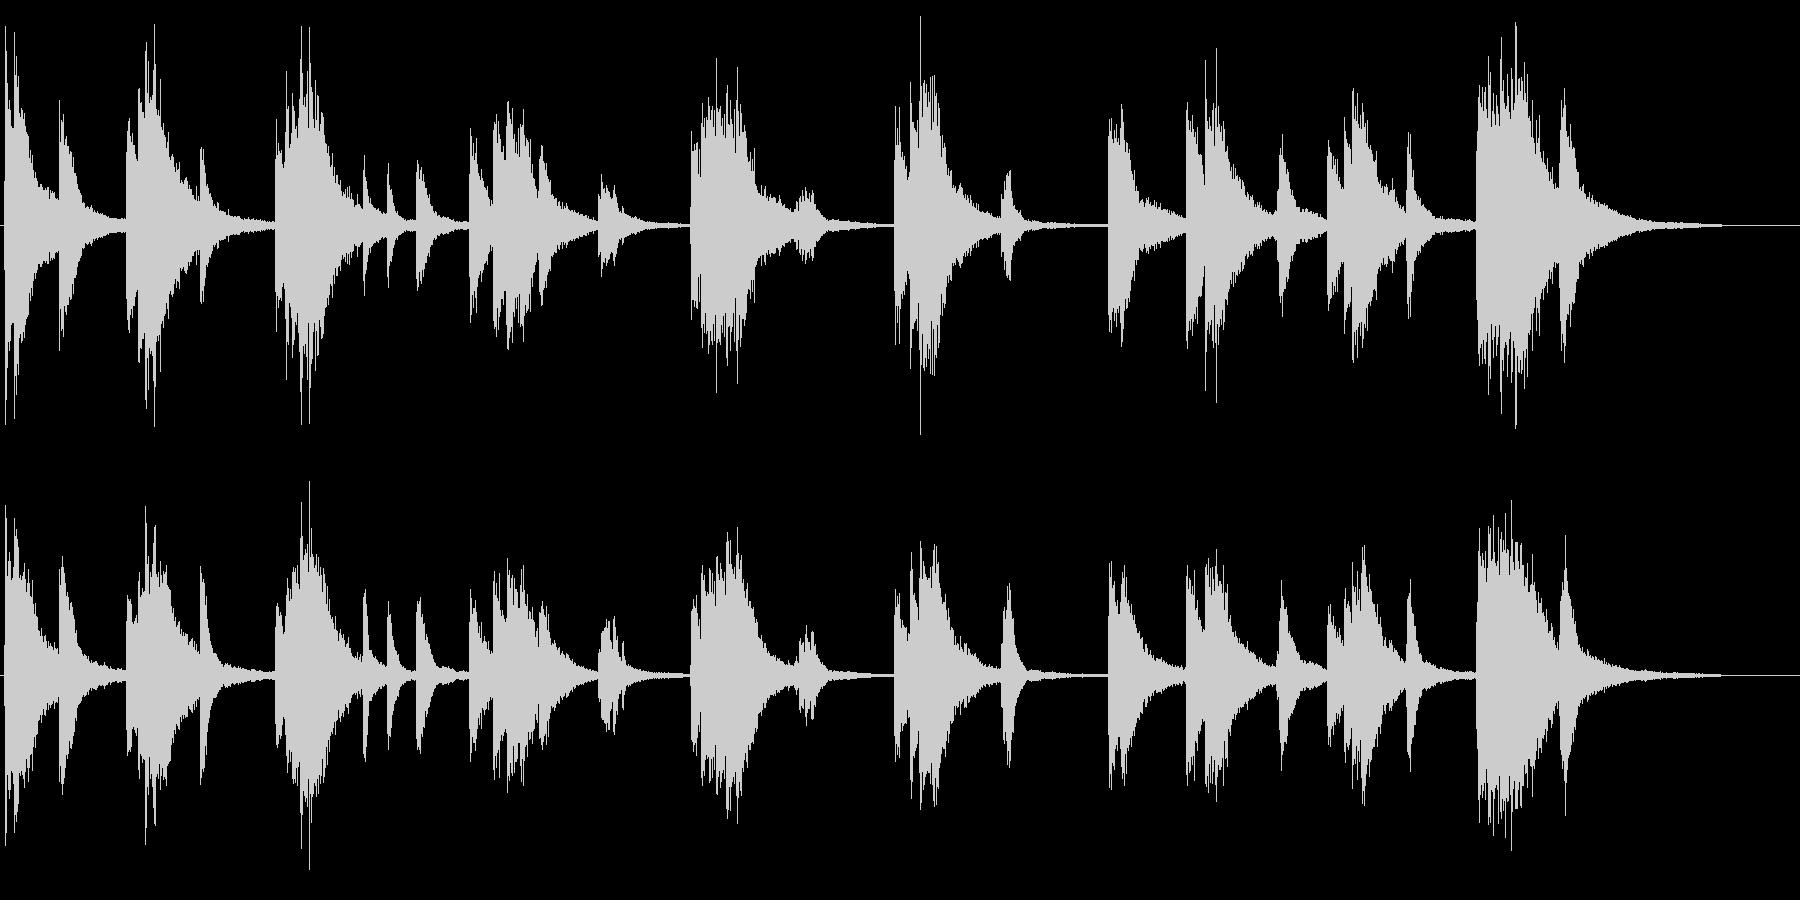 重厚なピアノサウンドの未再生の波形